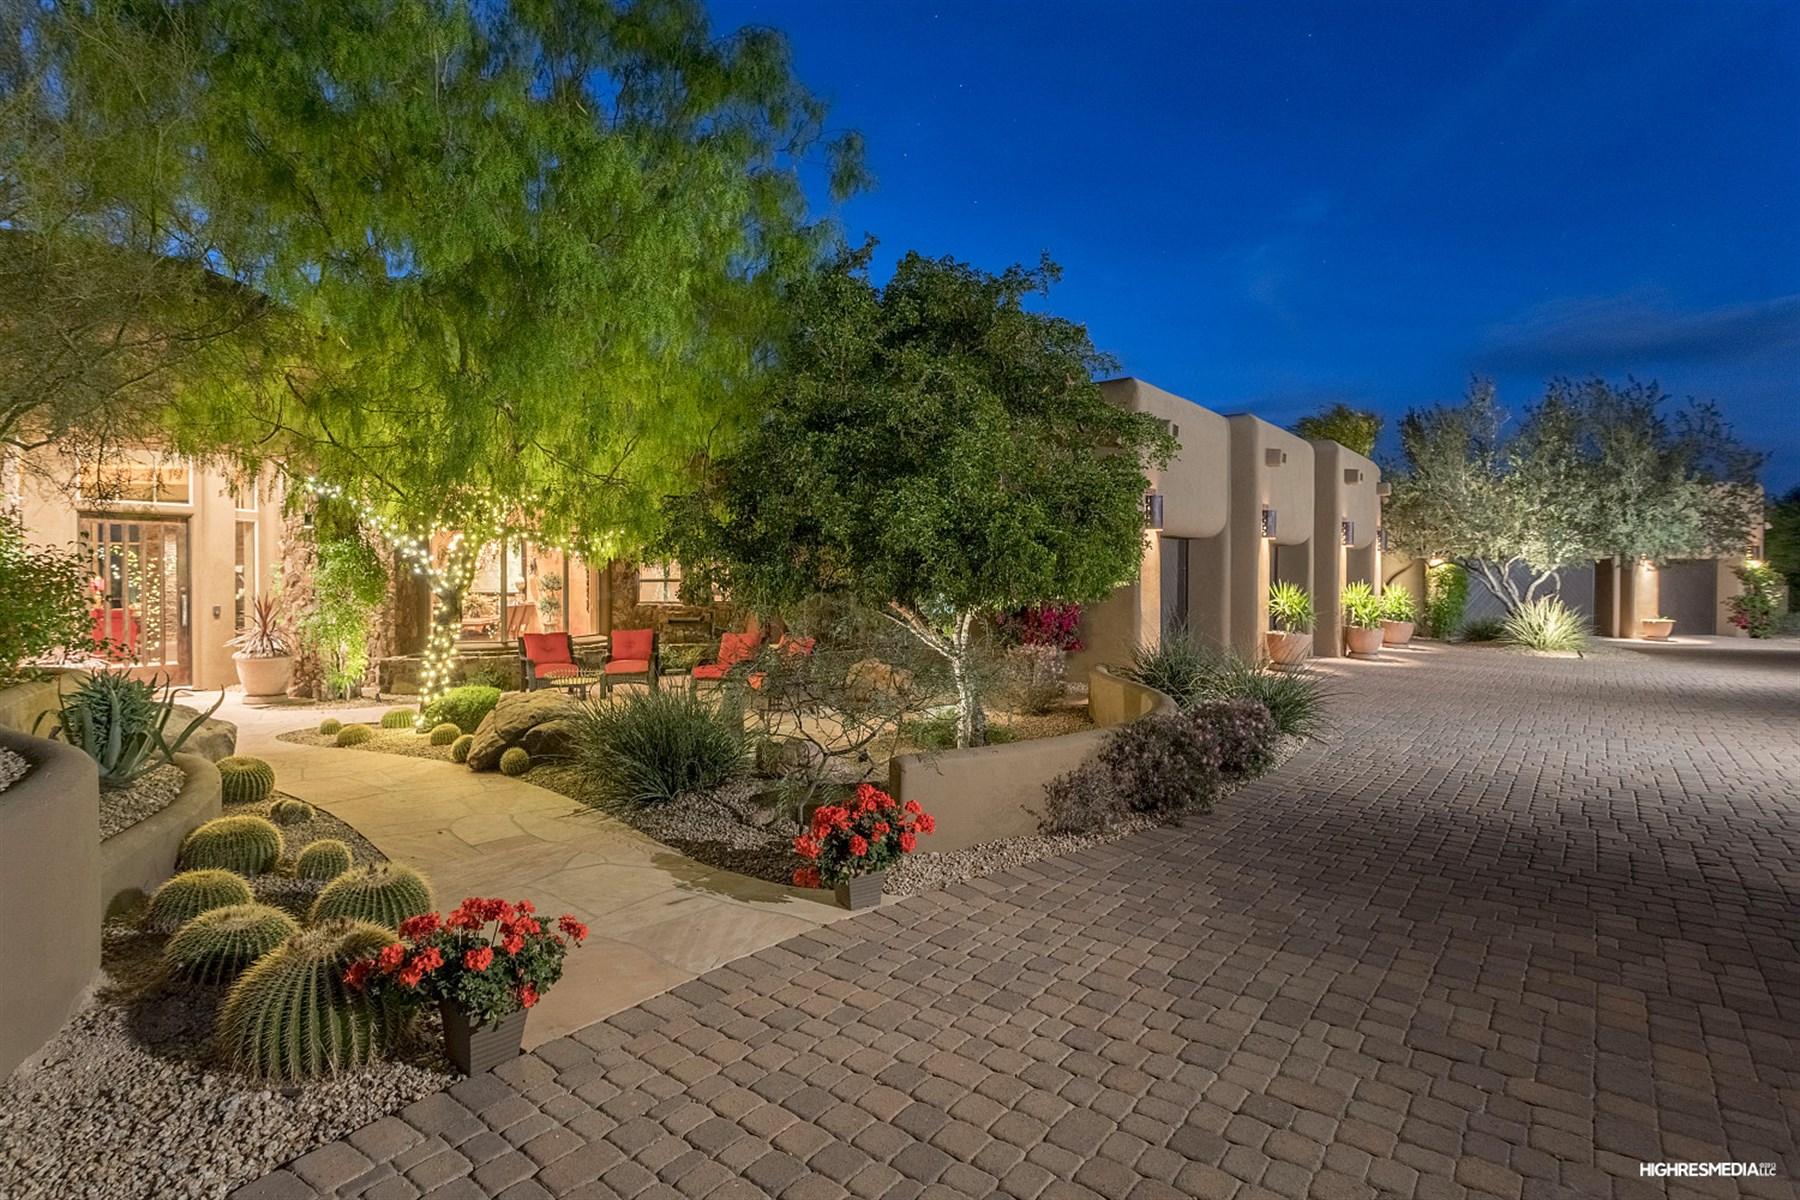 Maison unifamiliale pour l Vente à Beautiful desert retreat 24200 N Alma School Rd 23 Scottsdale, Arizona, 85255 États-Unis